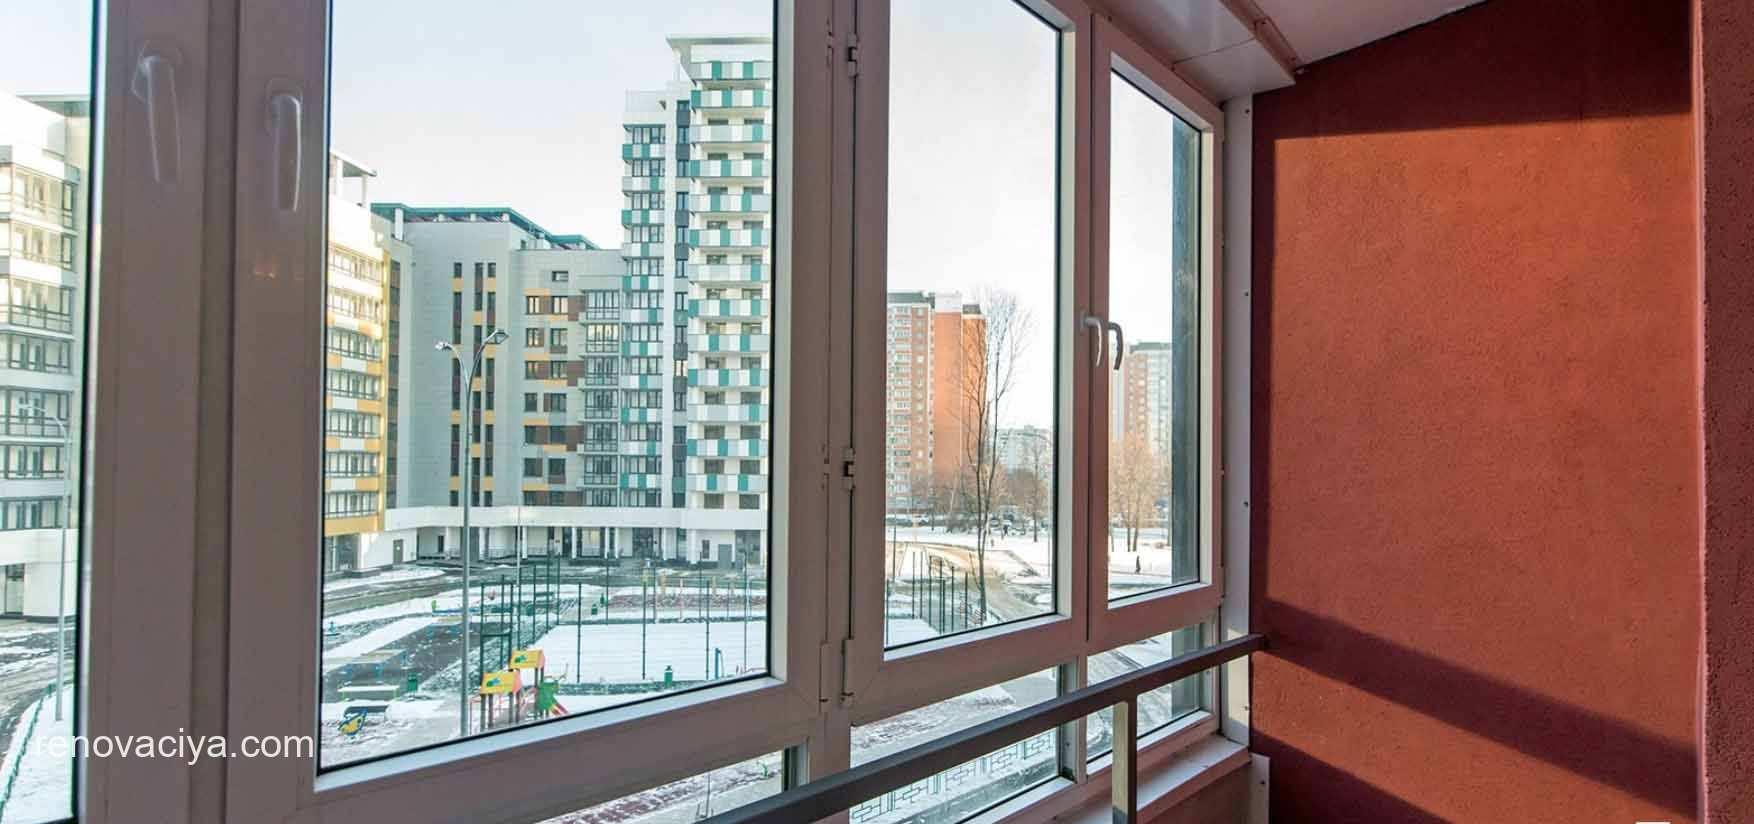 Проект планировки квартала в Хорошёво-Мнёвниках